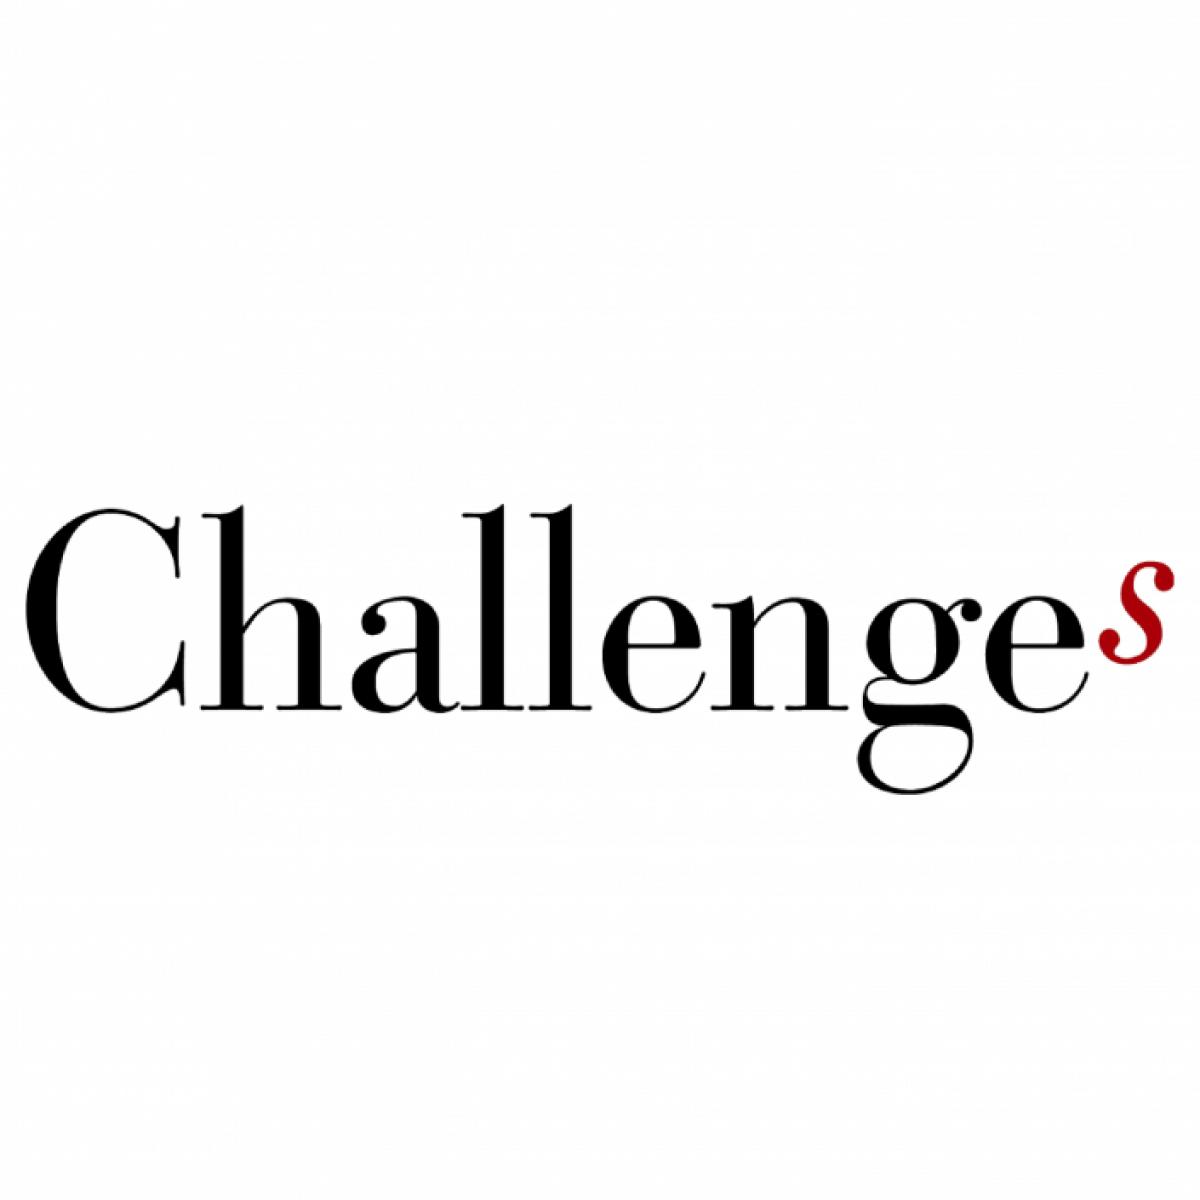 acso_revue-de-presse_logo_challenges